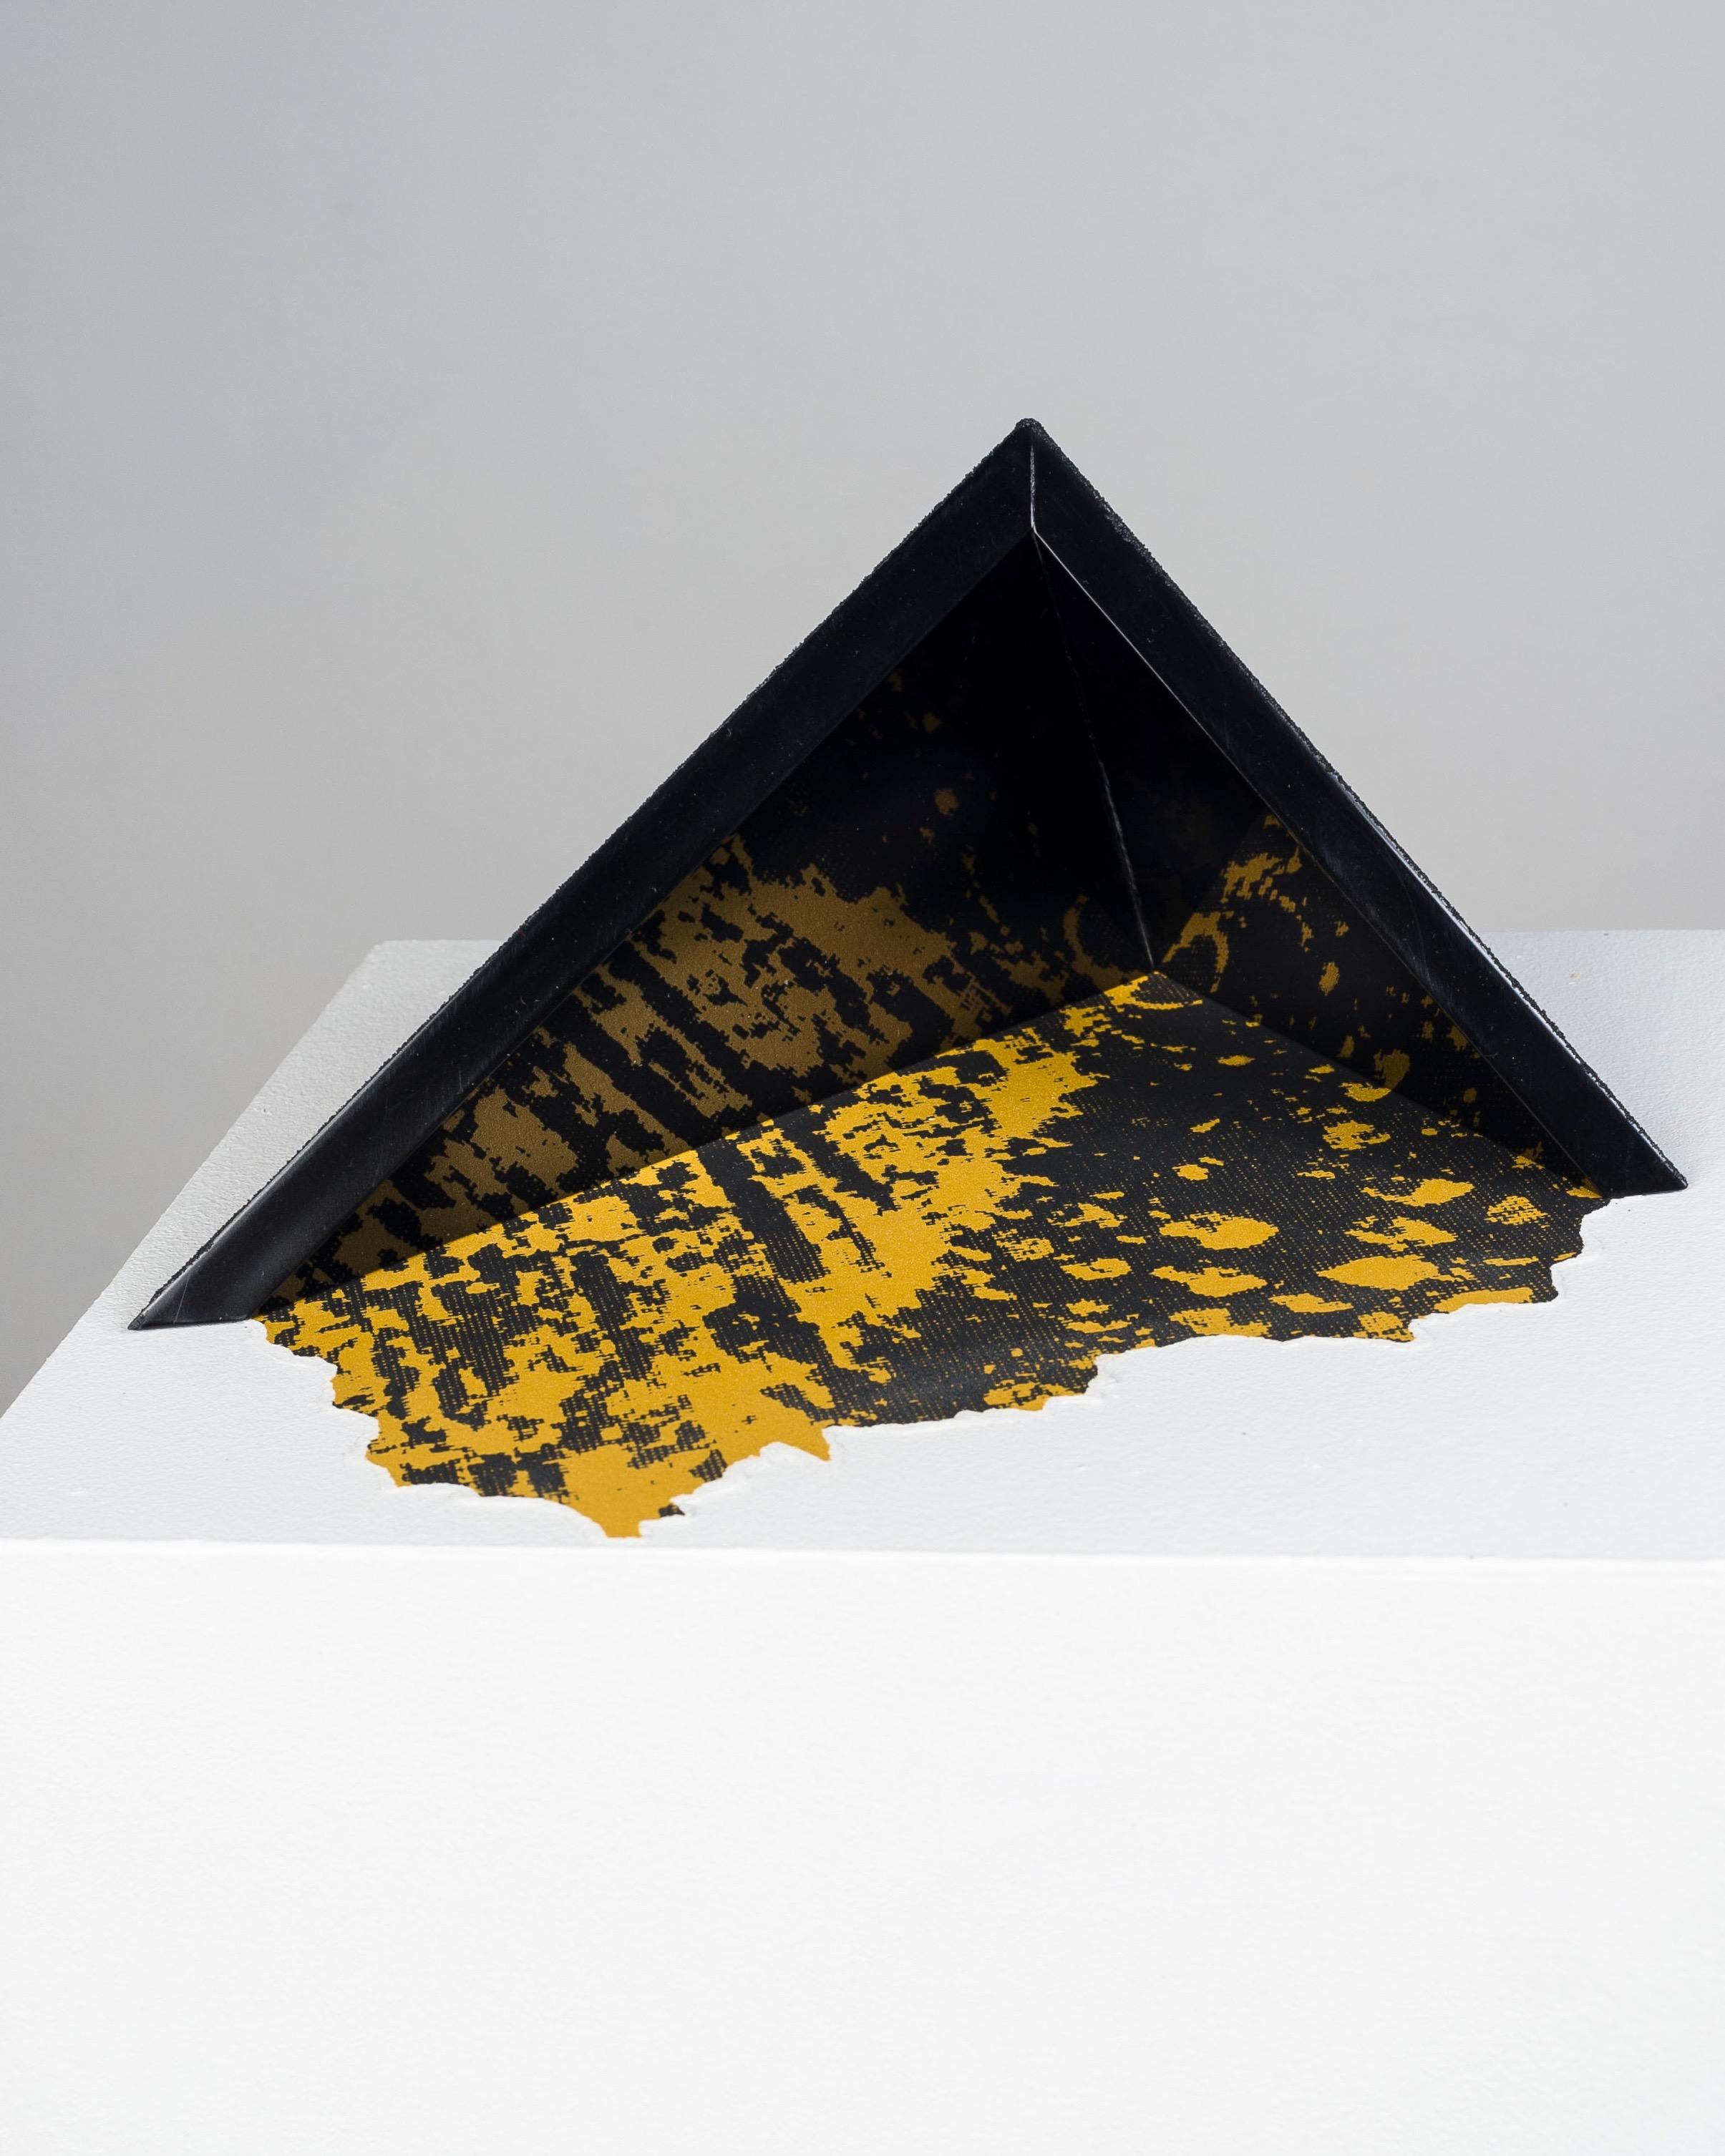 Invisible Pyramid I